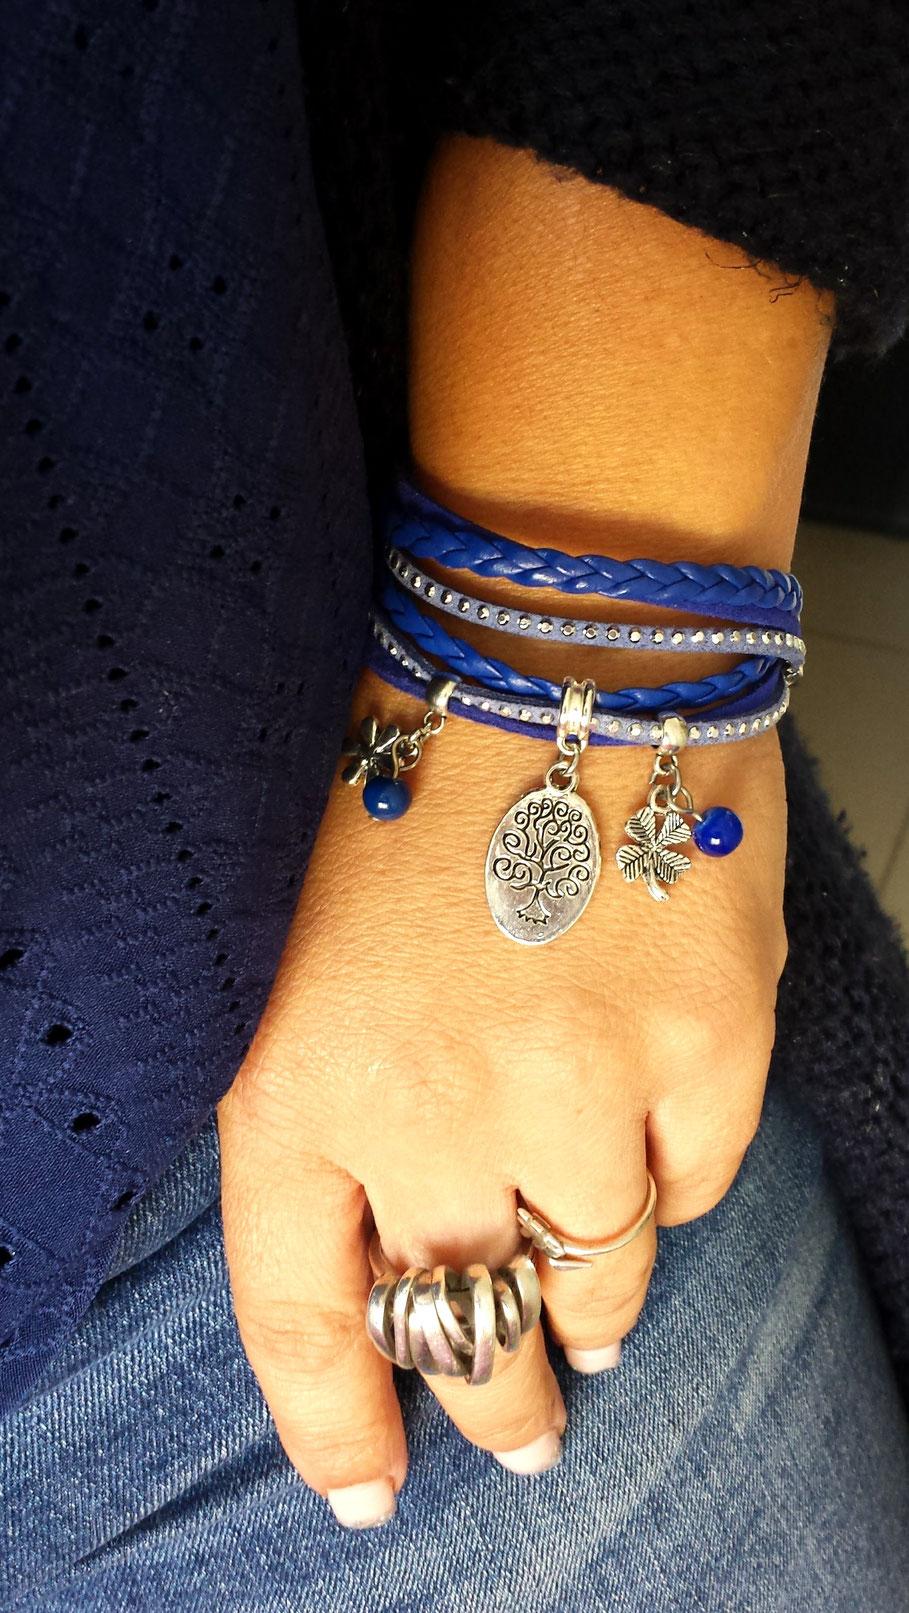 Bracelet ARBRE DE VIE manchette 2 tours, ses perles et breloques, bleu, argent, strass blog